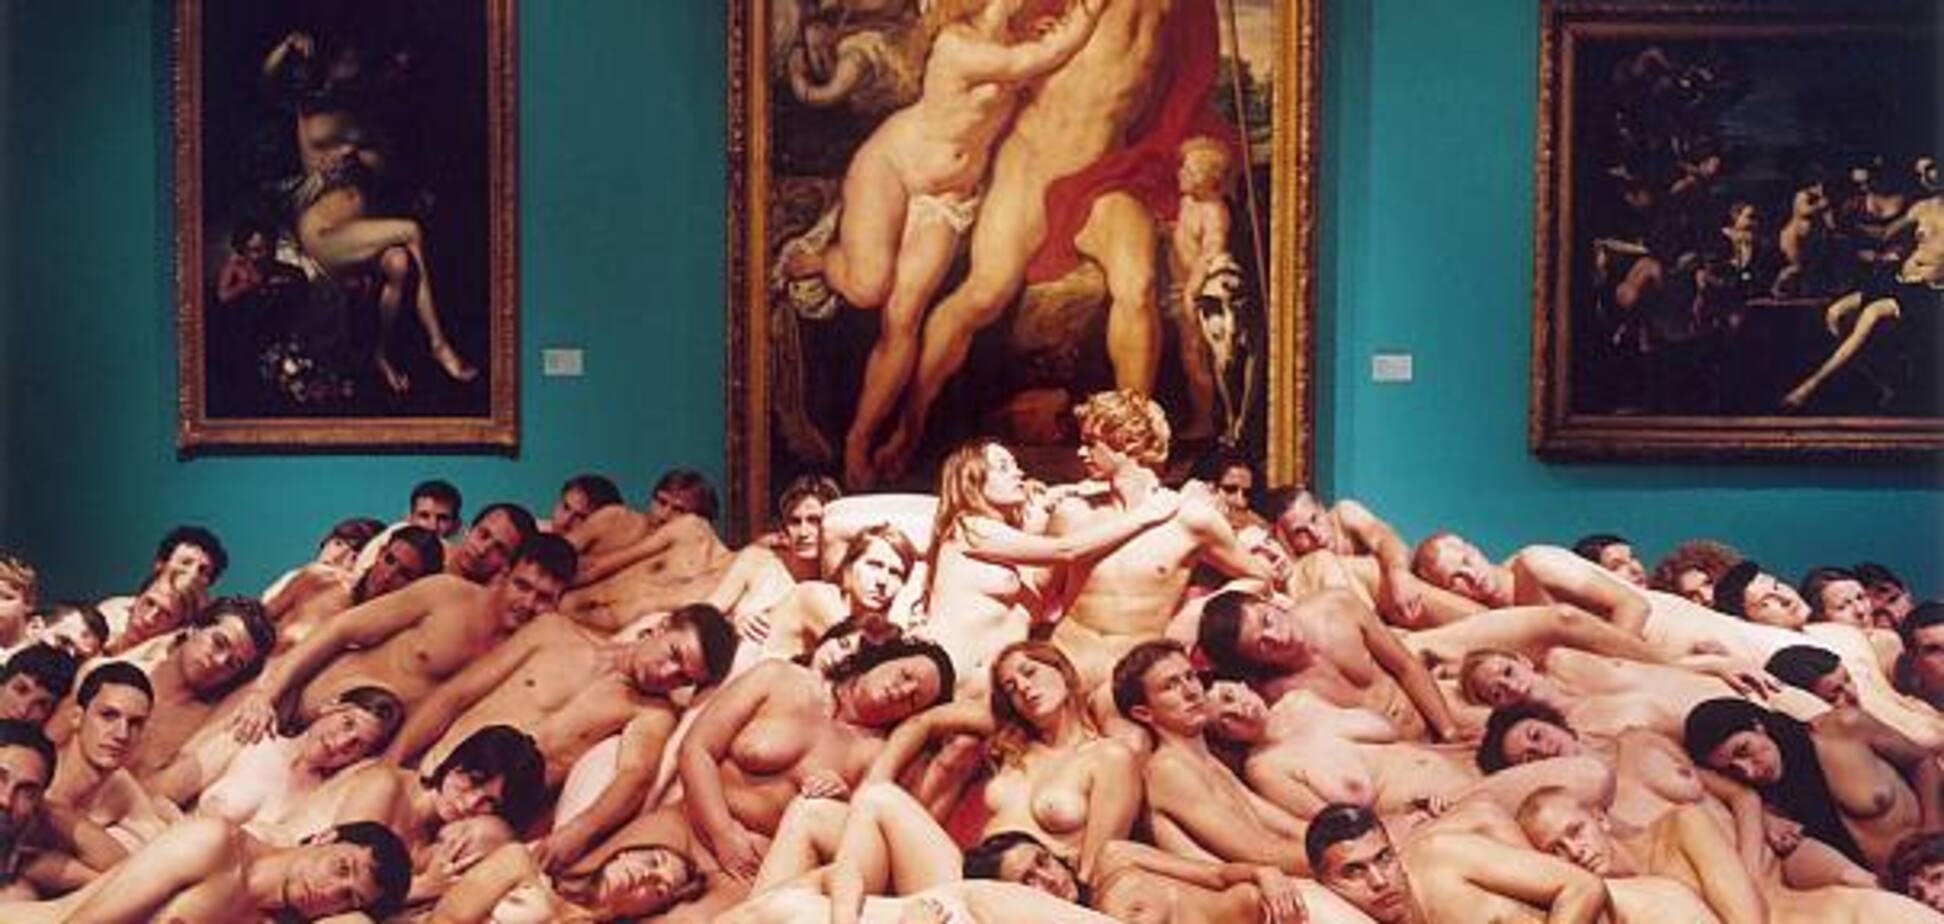 Чи любите ви голих людей так, як Спенсер Тунік?